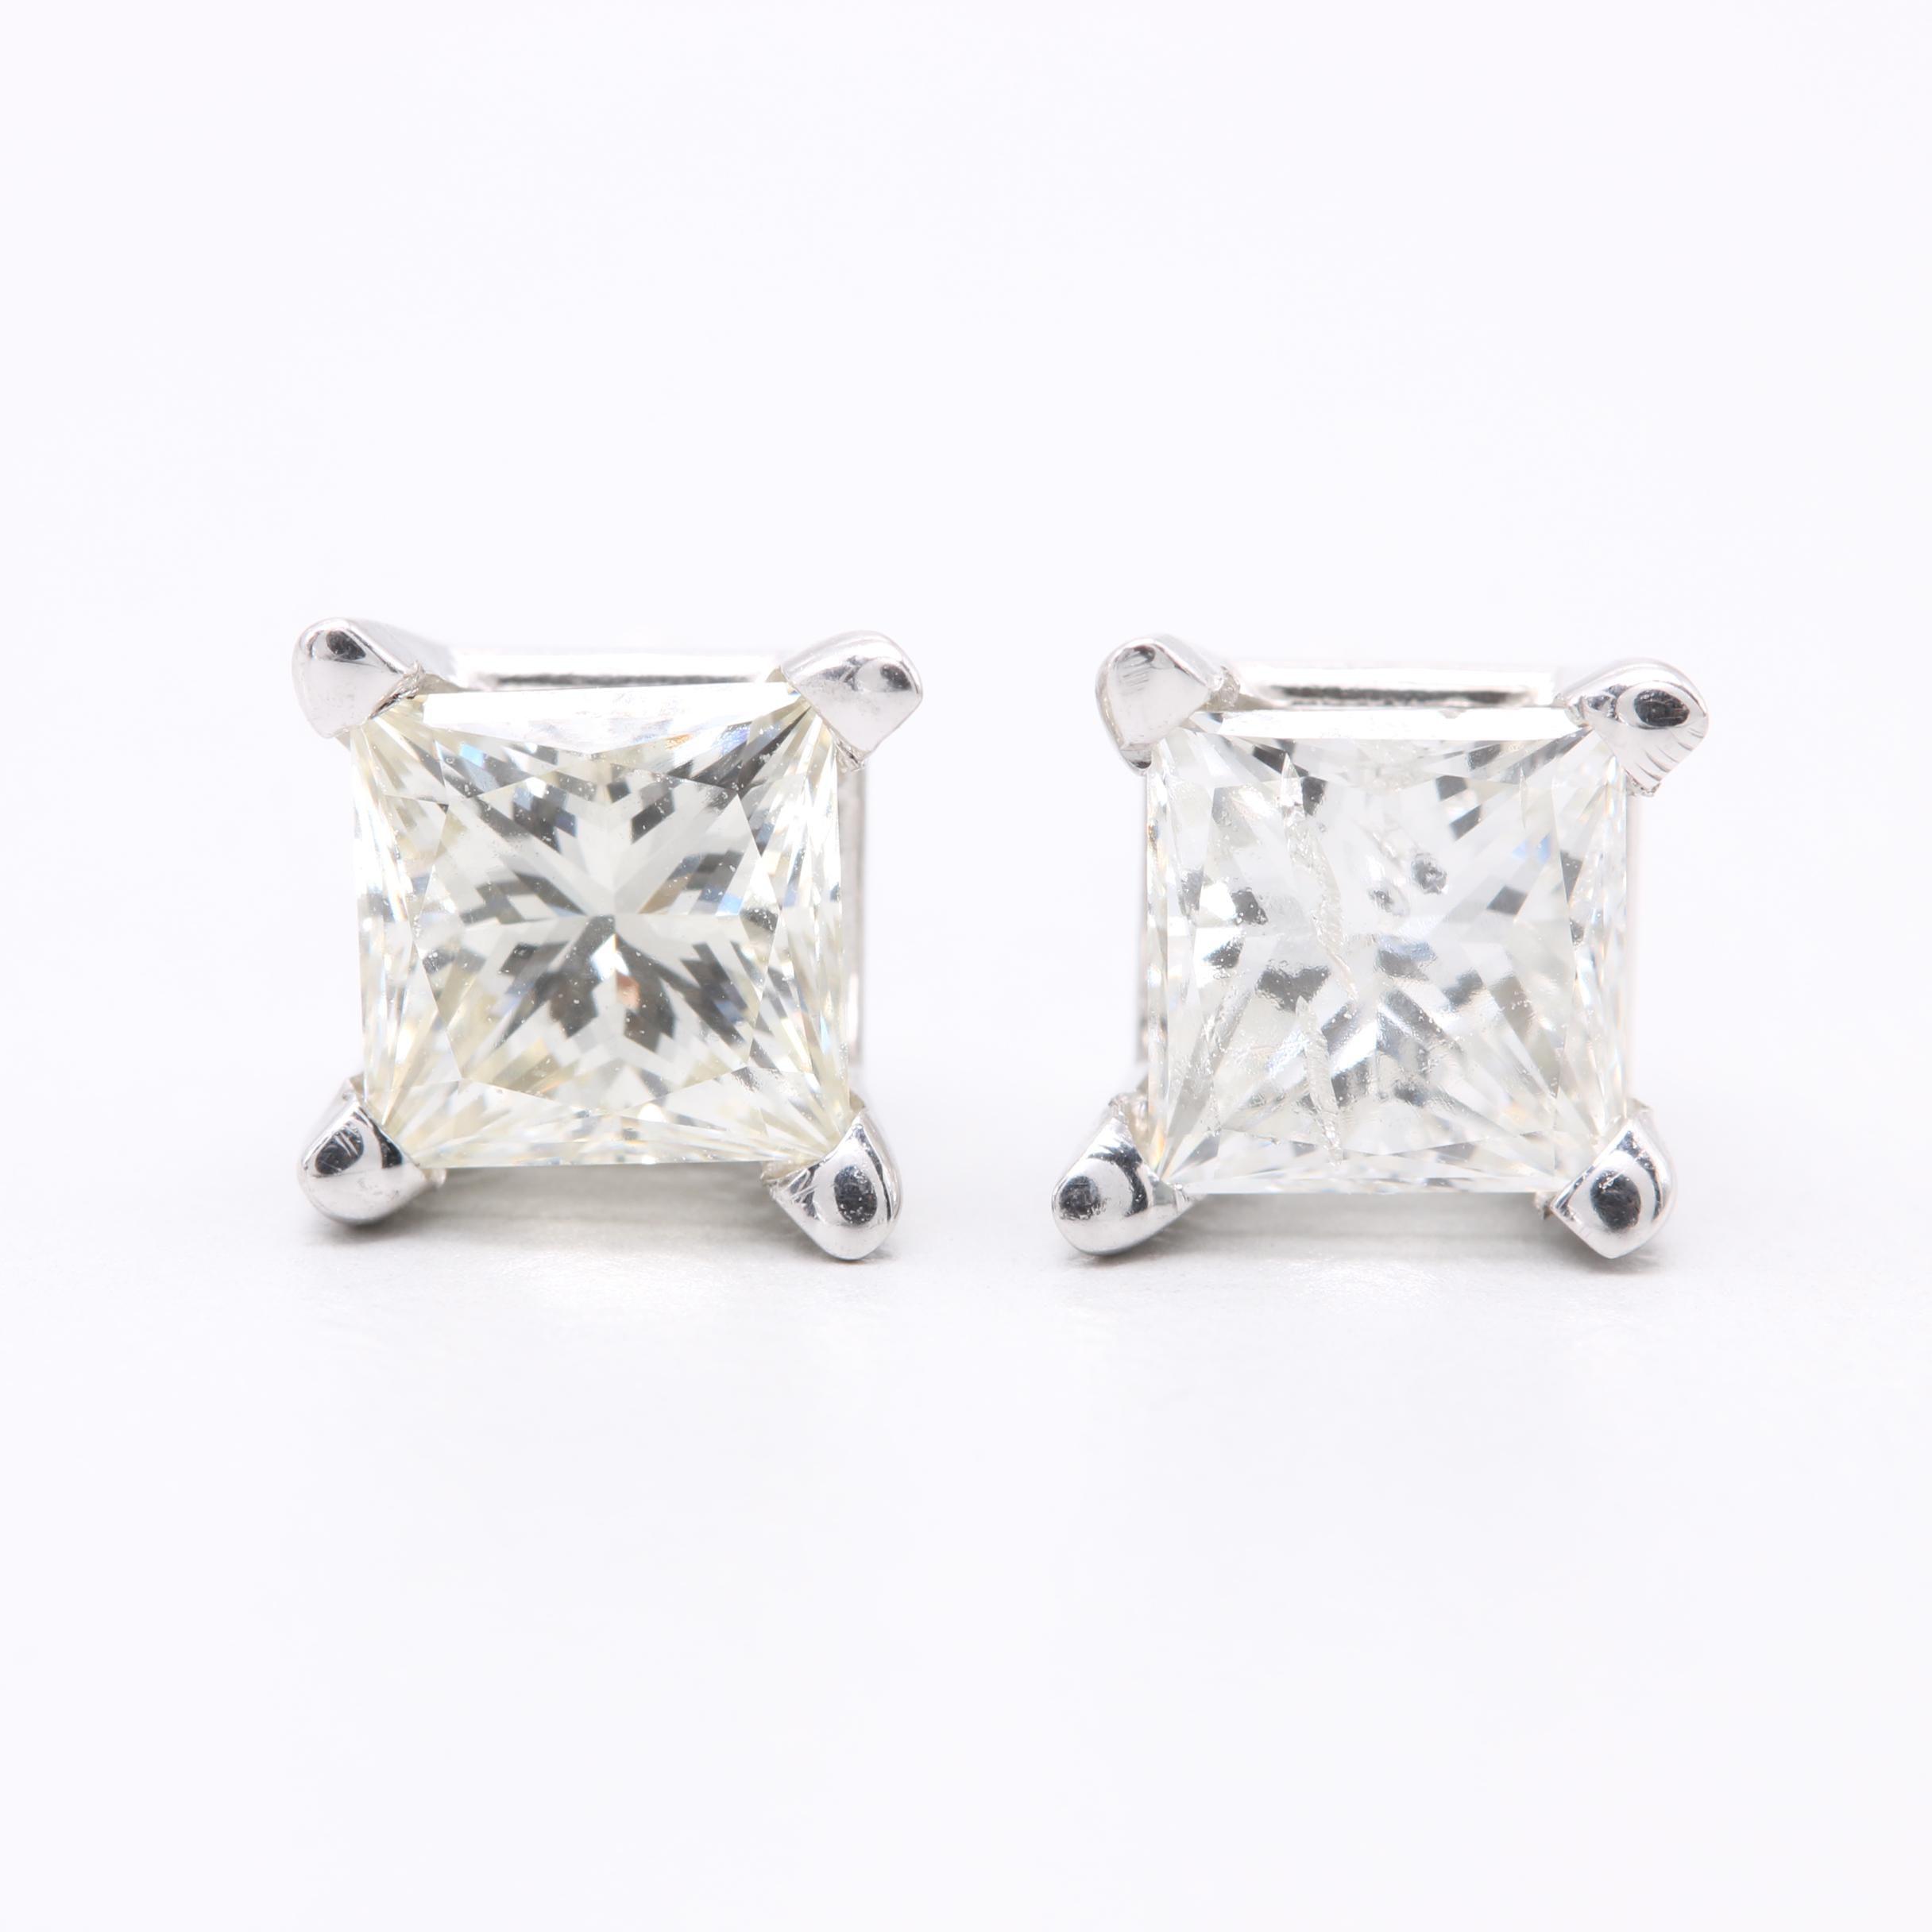 14K White Gold 1.28 CTW Diamond Earrings